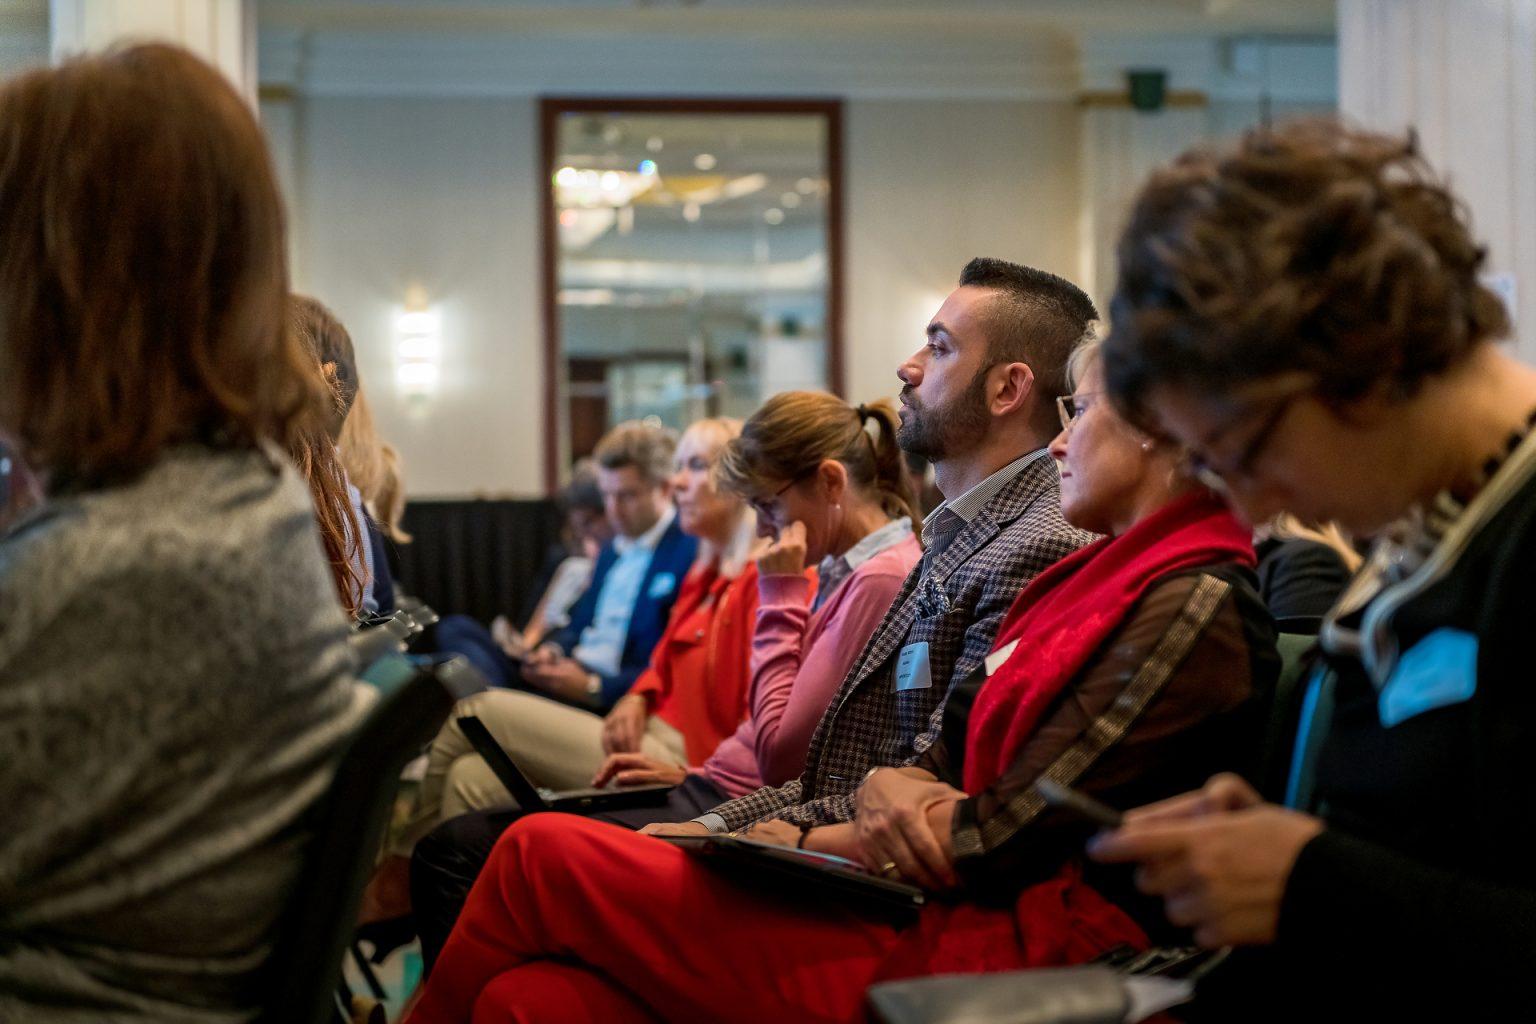 Vue du public lors d'une séance plénière du PEOF, reportage photographique de l'événement par Aurore Delsoir photographe événementiel